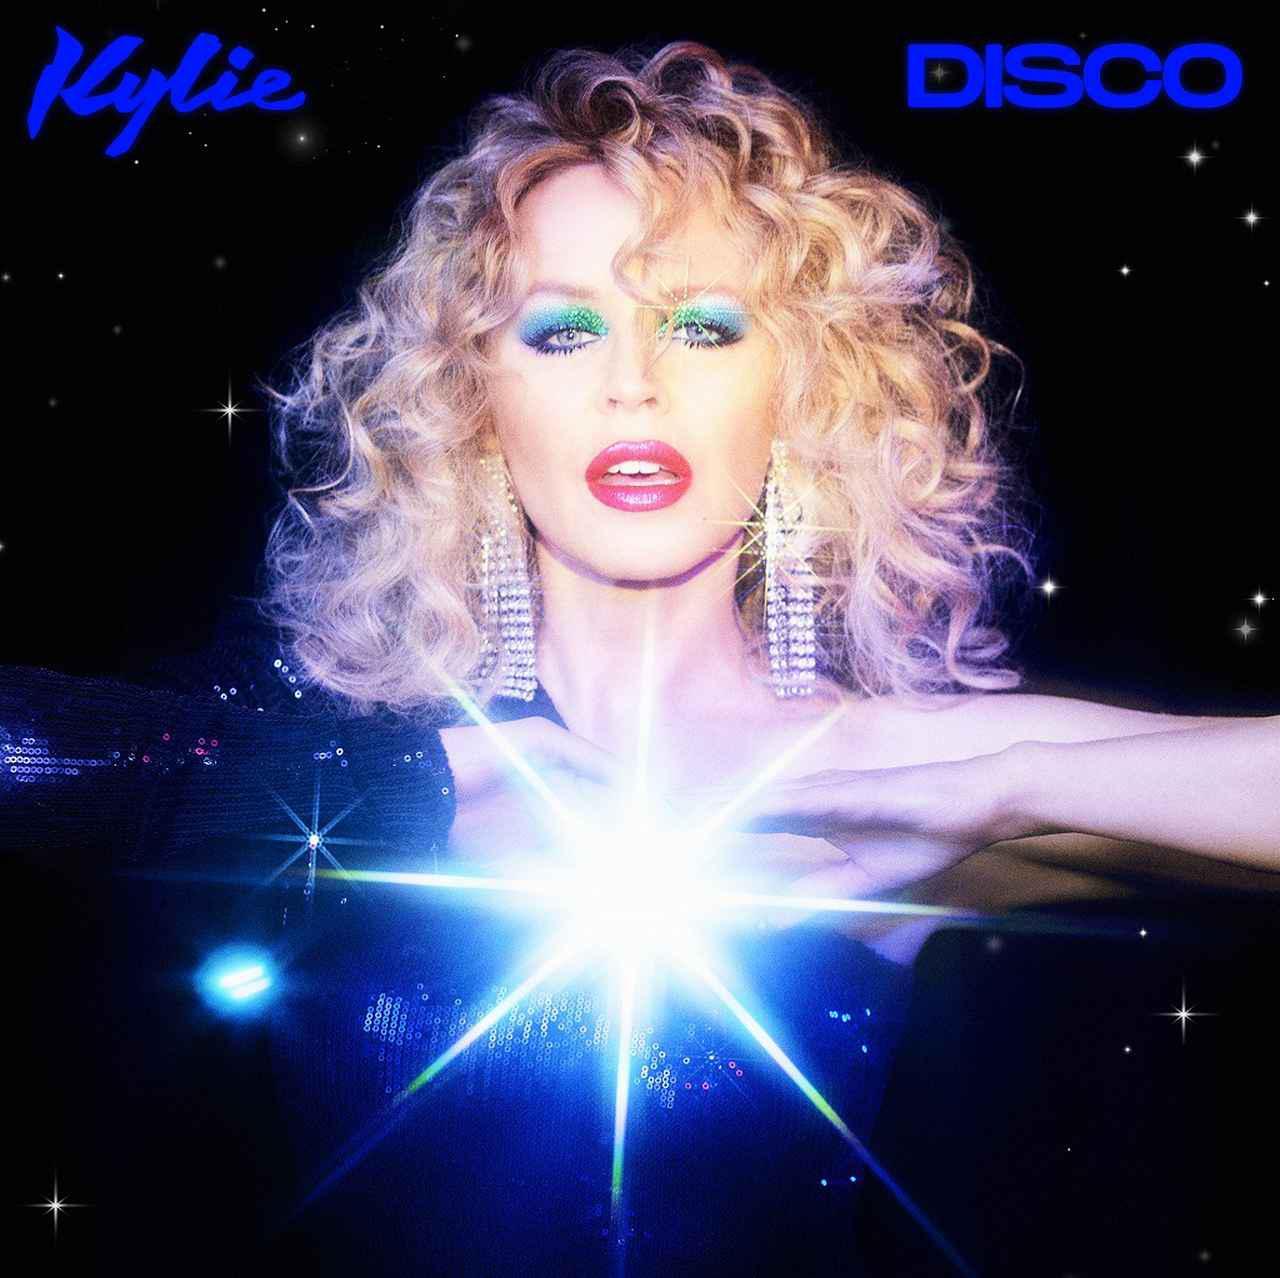 画像: DISCO (Deluxe) / Kylie Minogue